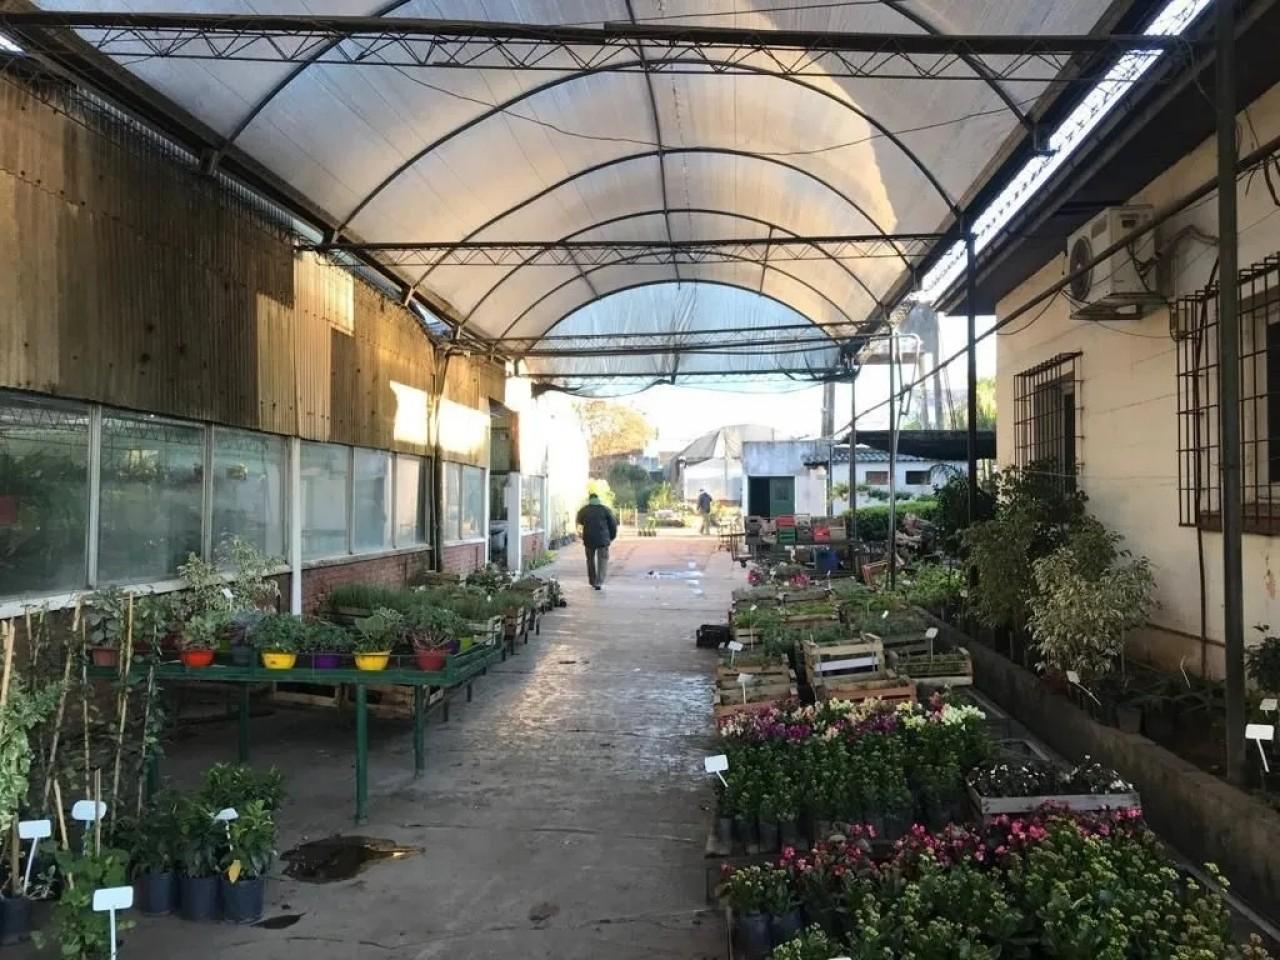 Venta de vivero en exclusiva esquina de Malvinas Argentinas